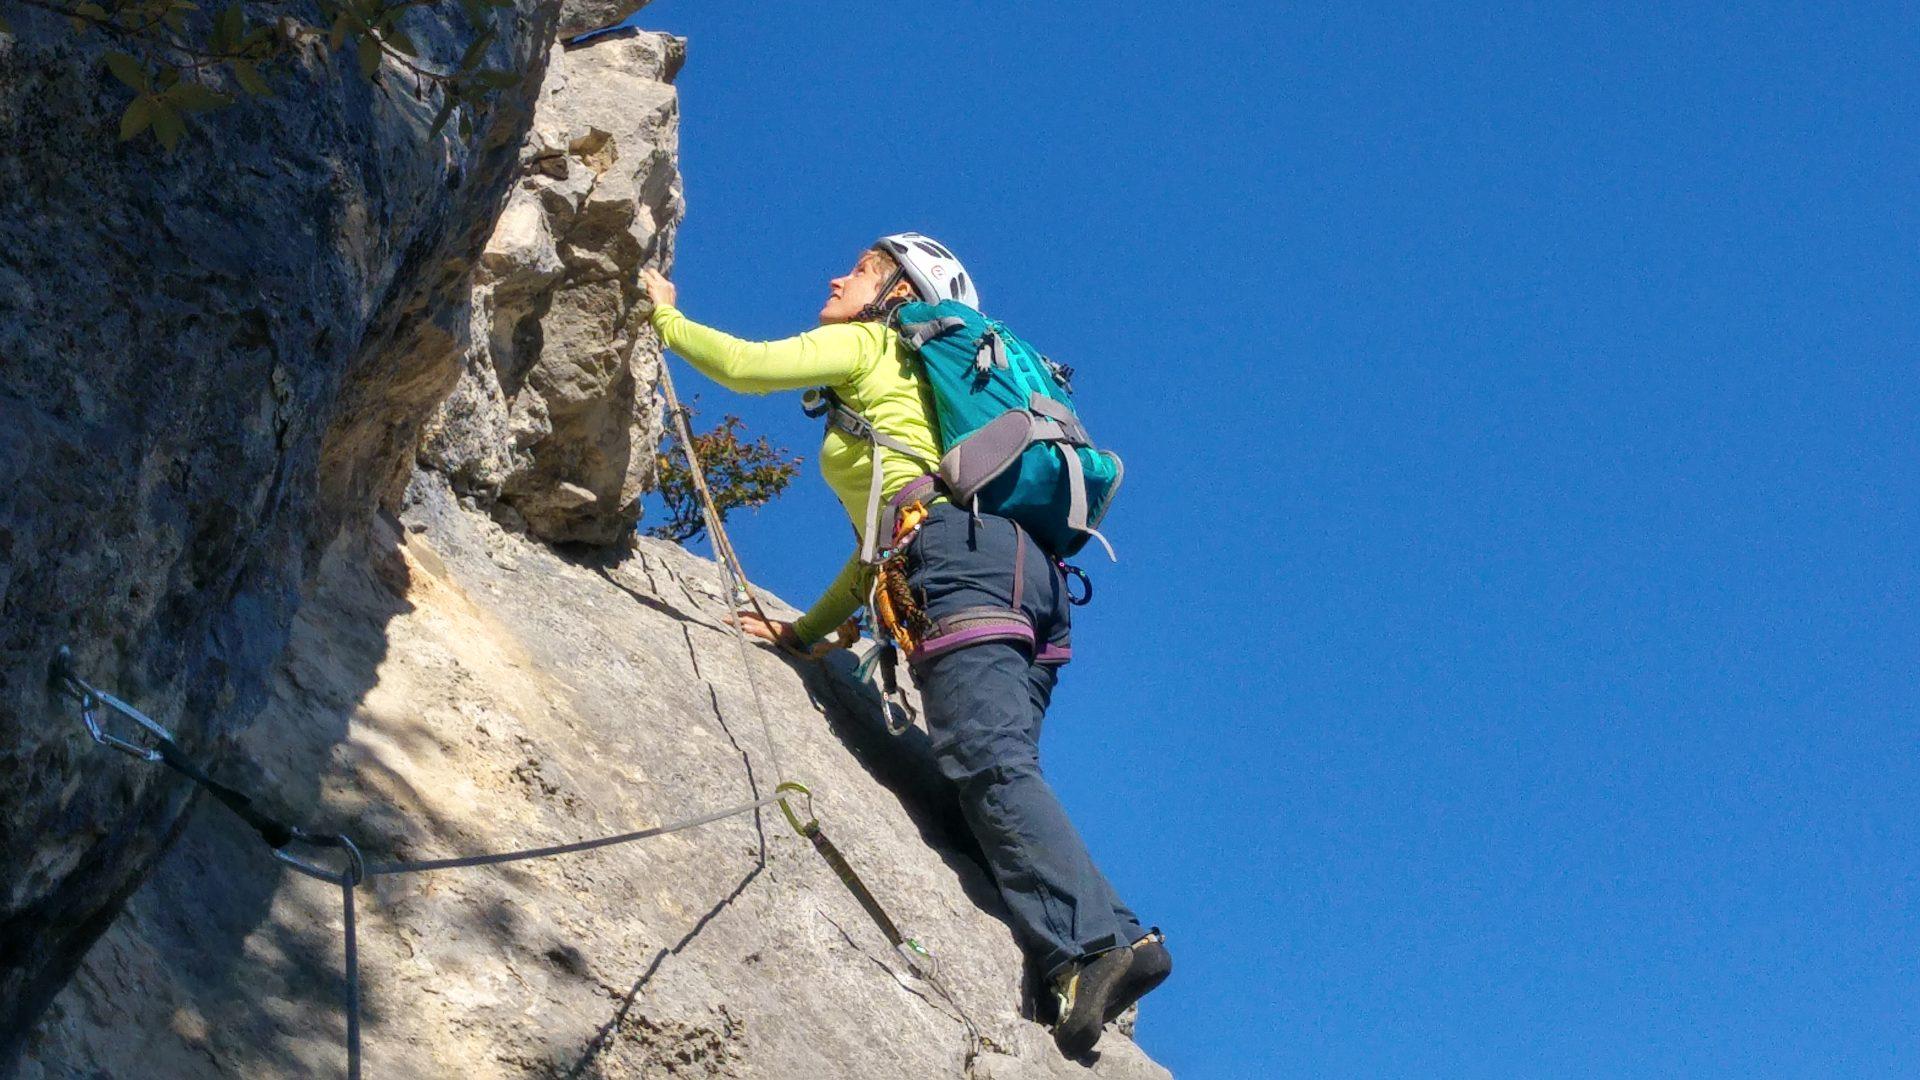 Ausbildung Bergsport Sportklettern in Arco